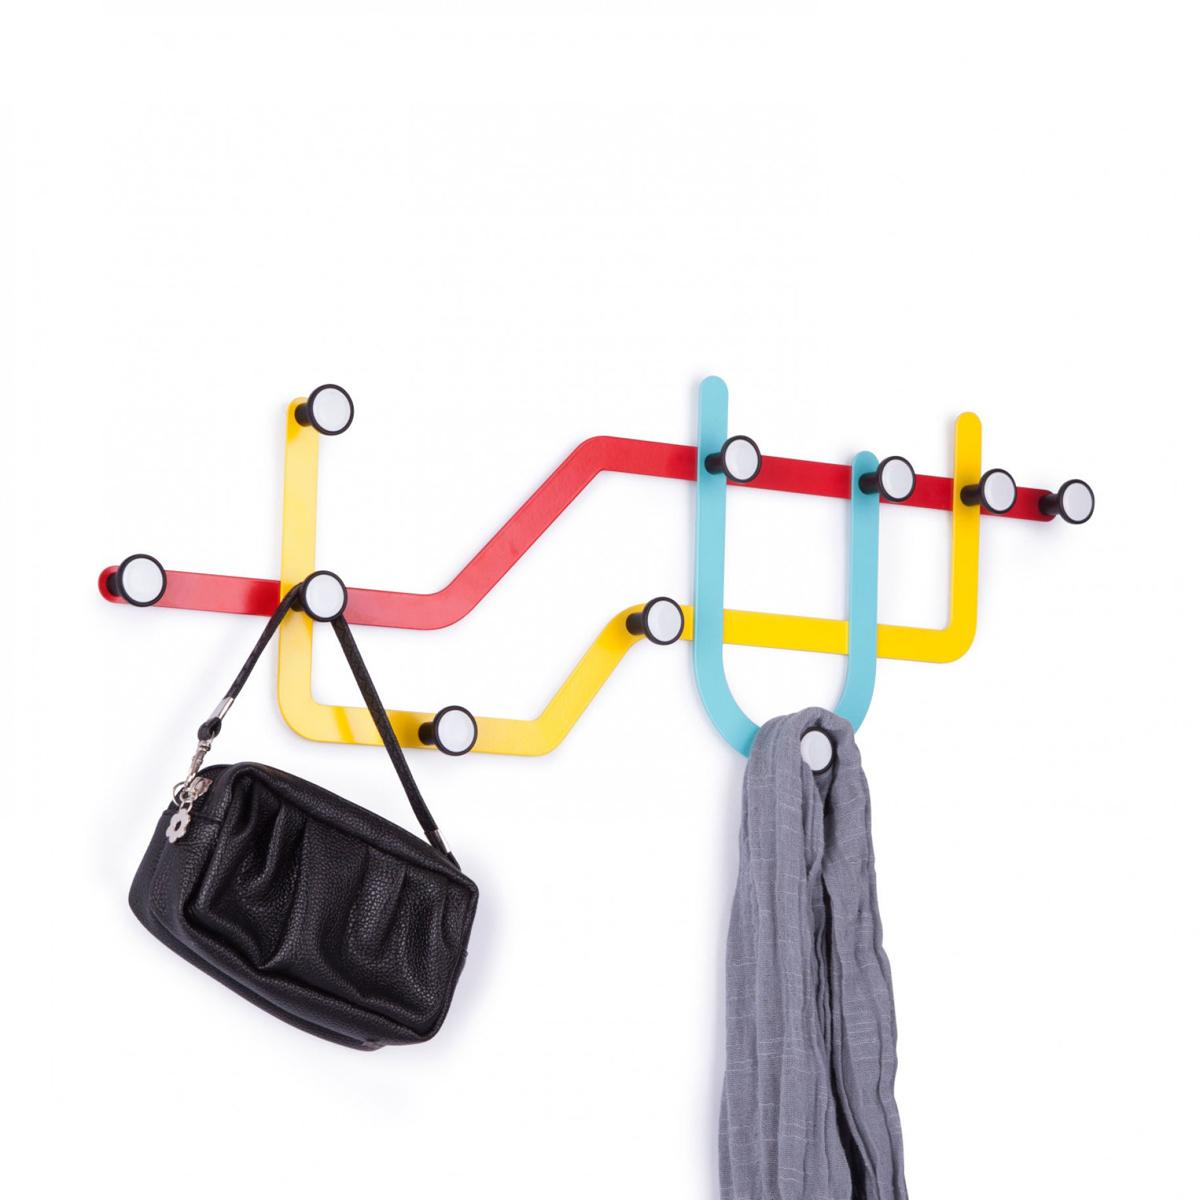 Вешалка Umbra Subway, цвет: мульти, 10 крючков318187-370Оригинальная вешалка Umbra Subway, напоминающая карту метро, имеет 10 крючков для одежды, каждый из которых выдерживает вес до 2,3 кг.Никогда еще метро не было столь удобным для повседневных нужд! Вешалку можно разместить и горизонтально и вертикально, все монтажное оборудование входит в комплект. Размер вешалки: 59 см х 21 см х 2,5 см.